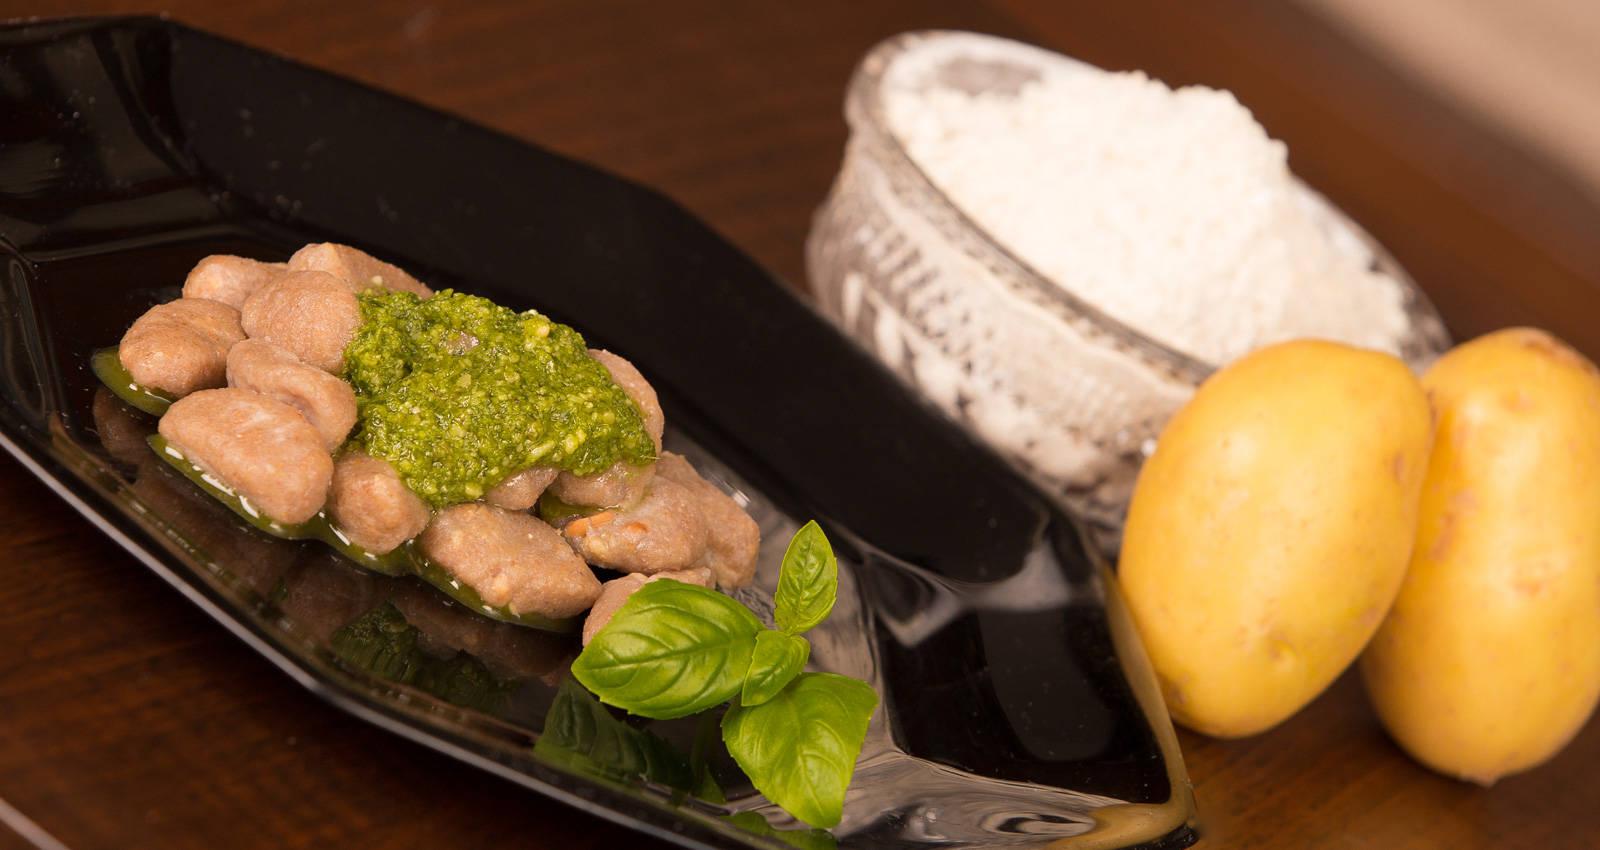 gnocchi-with-grain